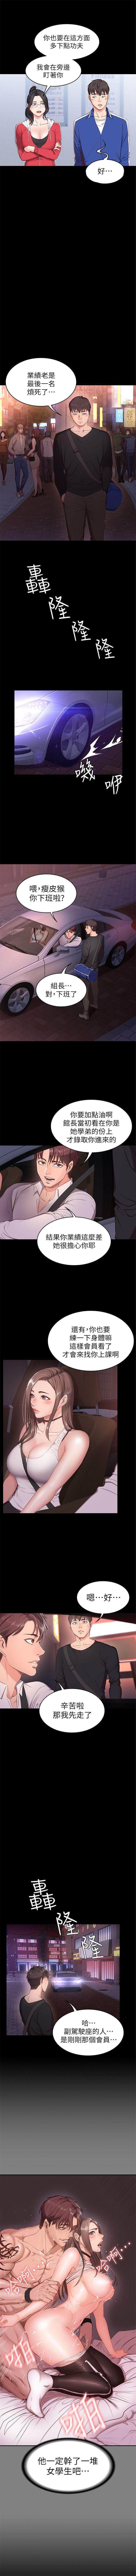 健身教練 1-56 官方中文(連載中) 4